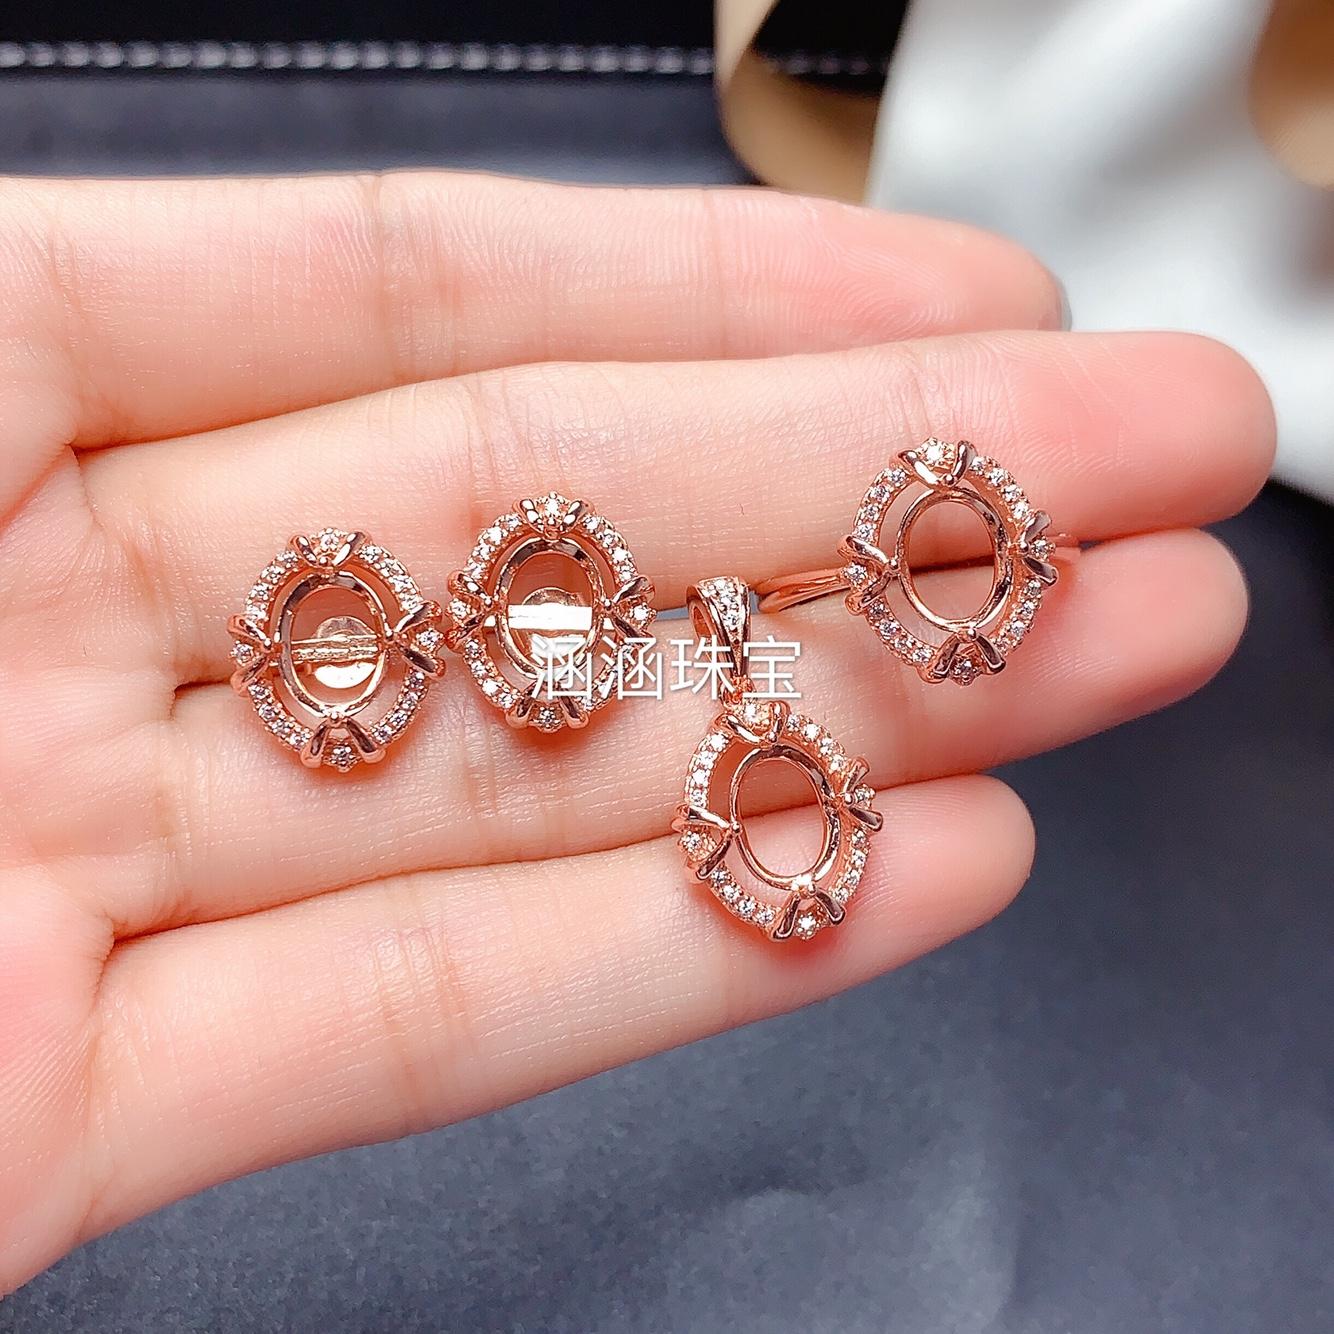 s925银戒指耳钉 吊坠套装空托 椭圆形6*8mm可镶水晶玉石 来石代镶